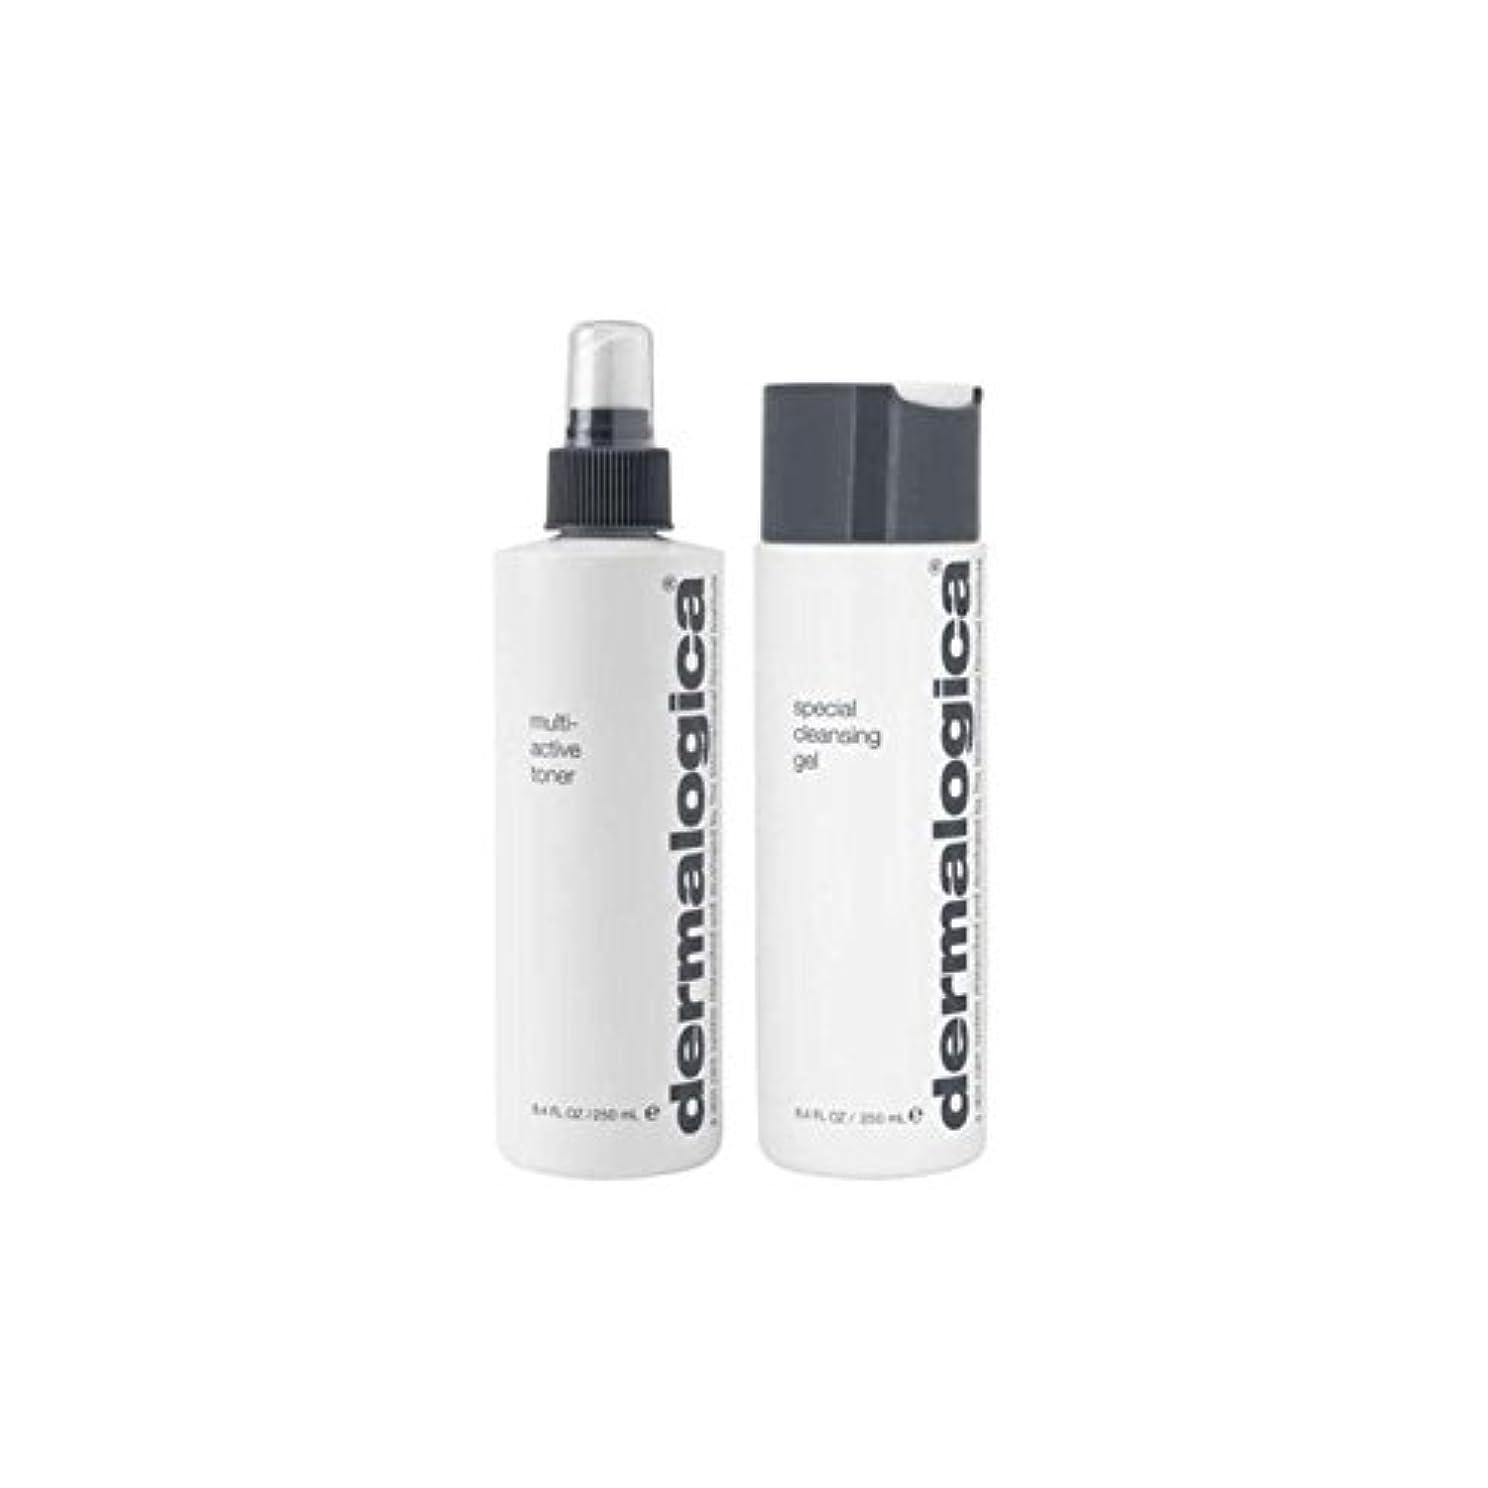 どこでも渦ドナウ川ダーマロジカクレンジング&トーンデュオ - ノーマル/ドライスキン(2製品) x2 - Dermalogica Cleanse & Tone Duo - Normal/Dry Skin (2 Products) (Pack...